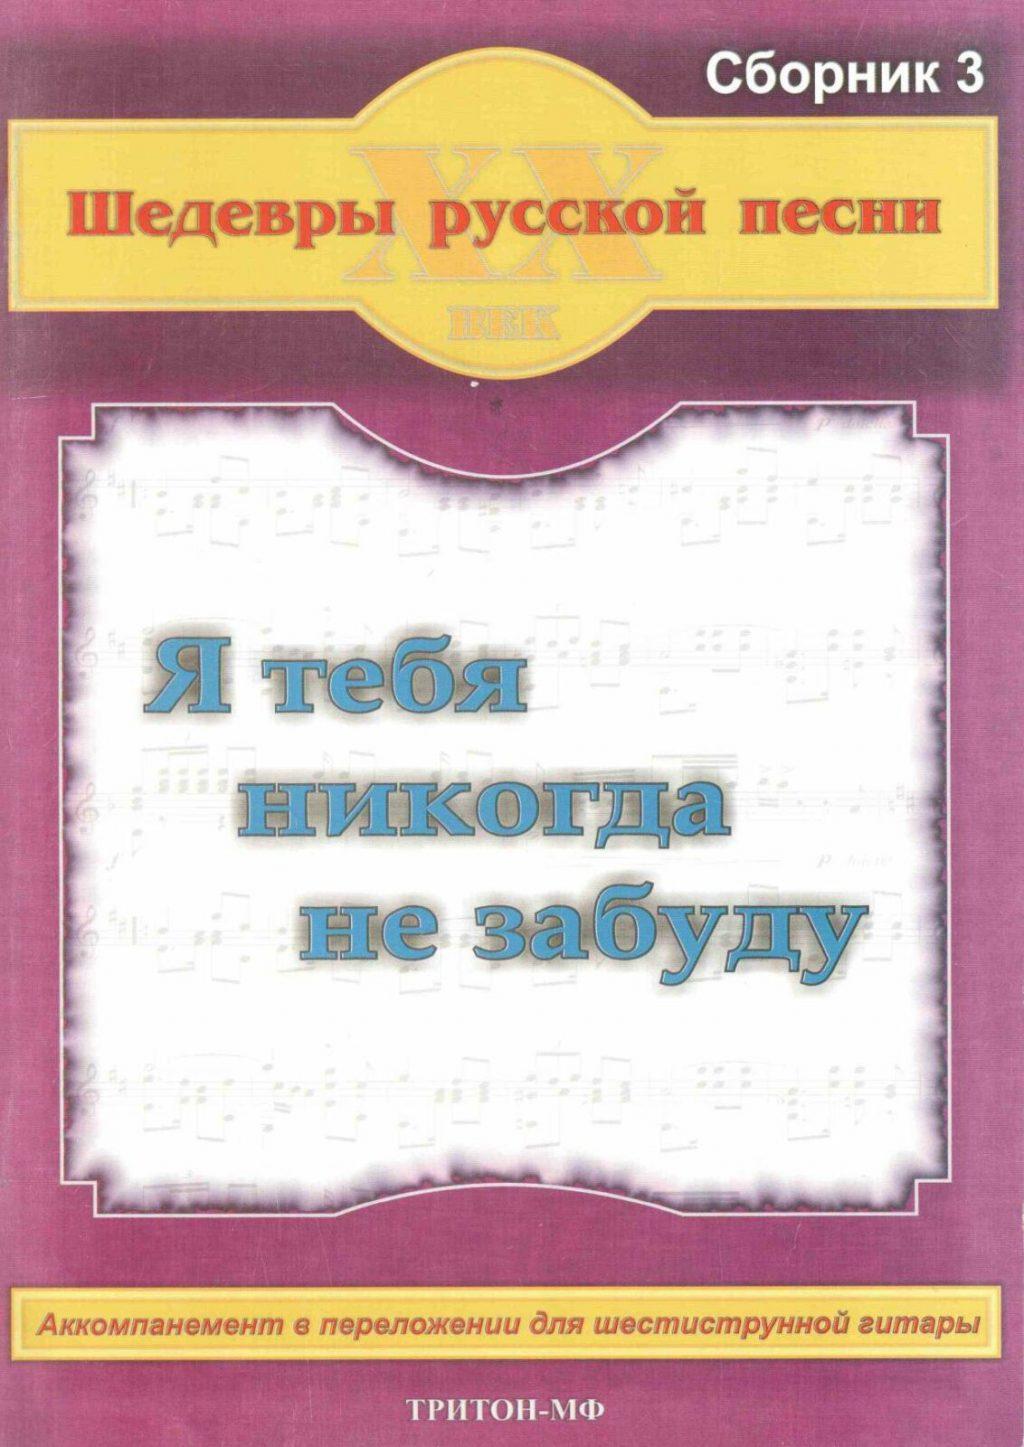 Шедевры русской песни. Я тебя никогда не забуду. Сборник 3